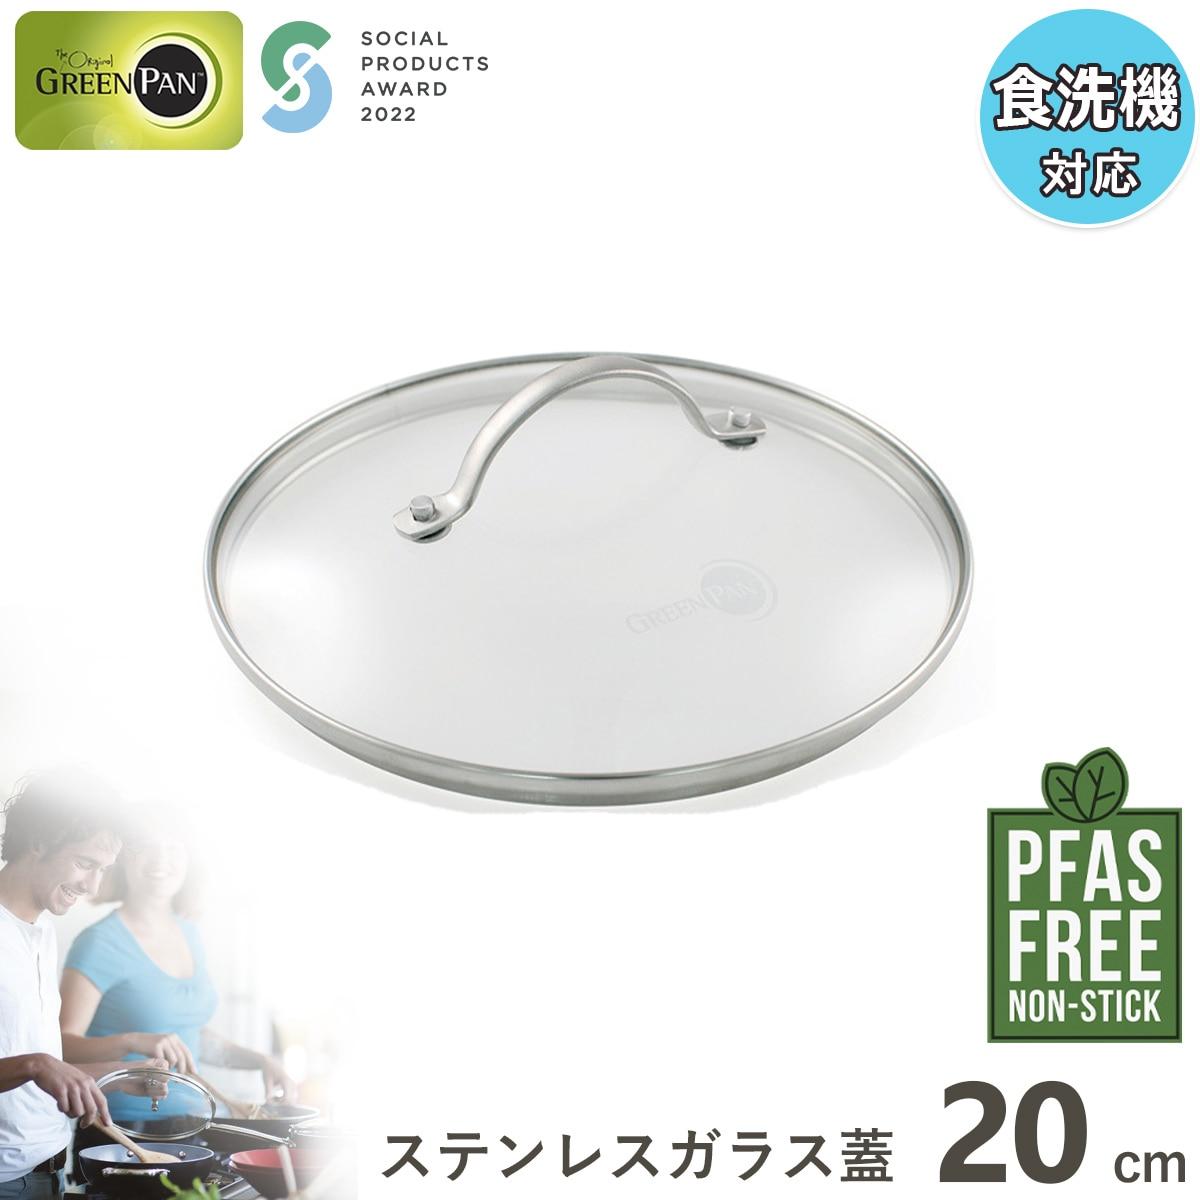 グリーンパン ステンレスガラス蓋20cm CW000026-004